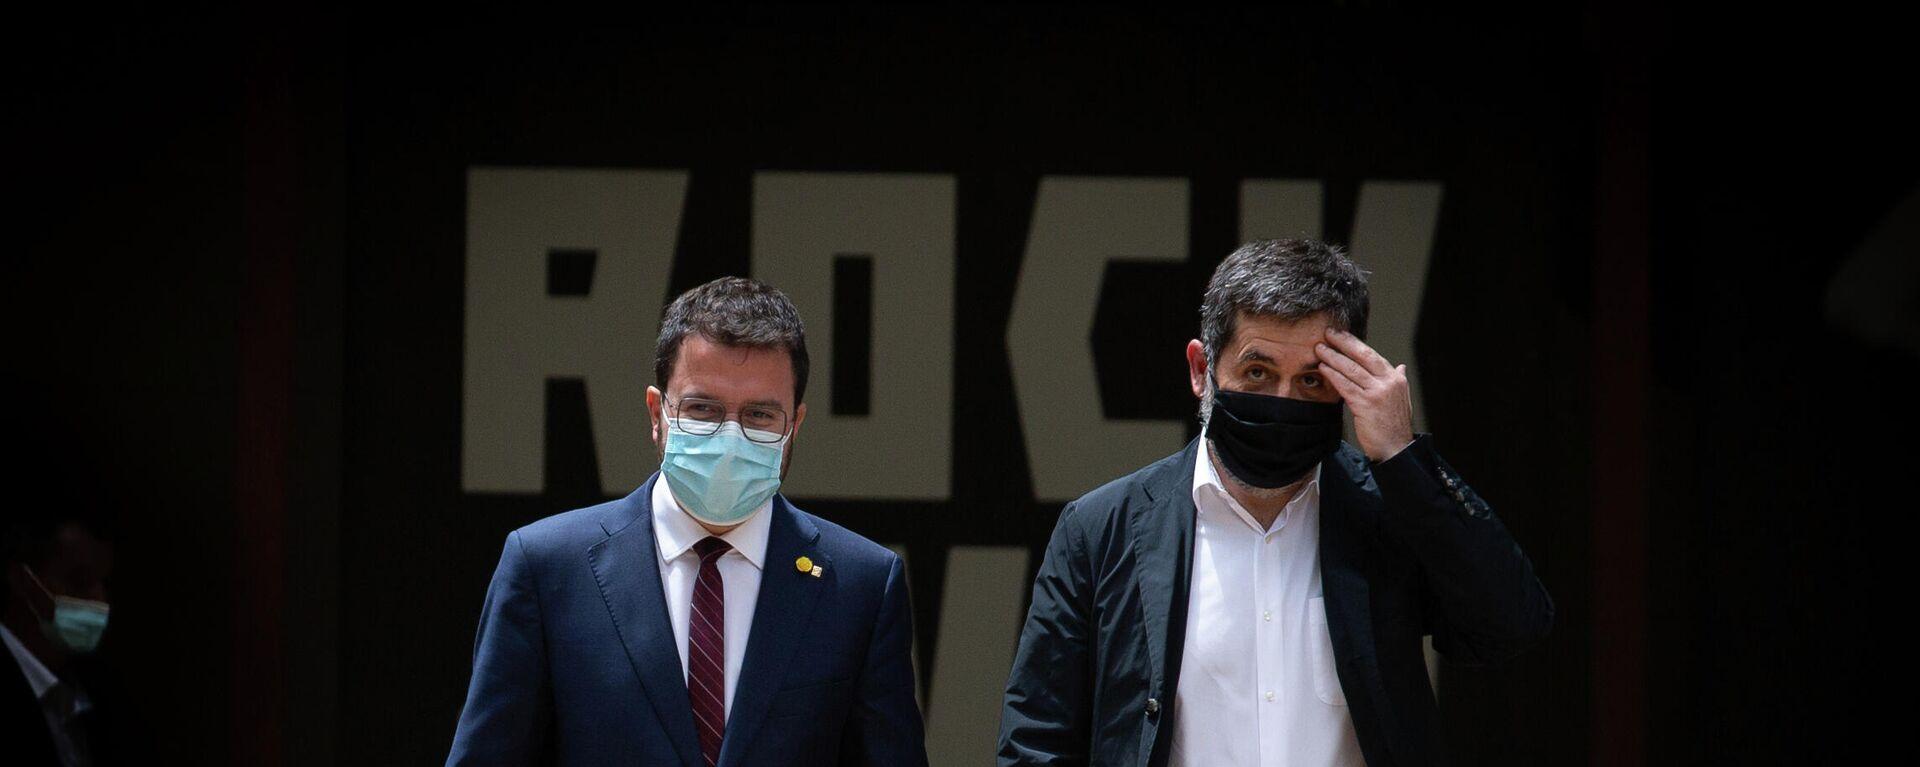 el dirigente de ERC y vicepresidente catalán, Pere Aragonès, y el secretario general de Junts, Jordi Sànchez - Sputnik Mundo, 1920, 17.05.2021